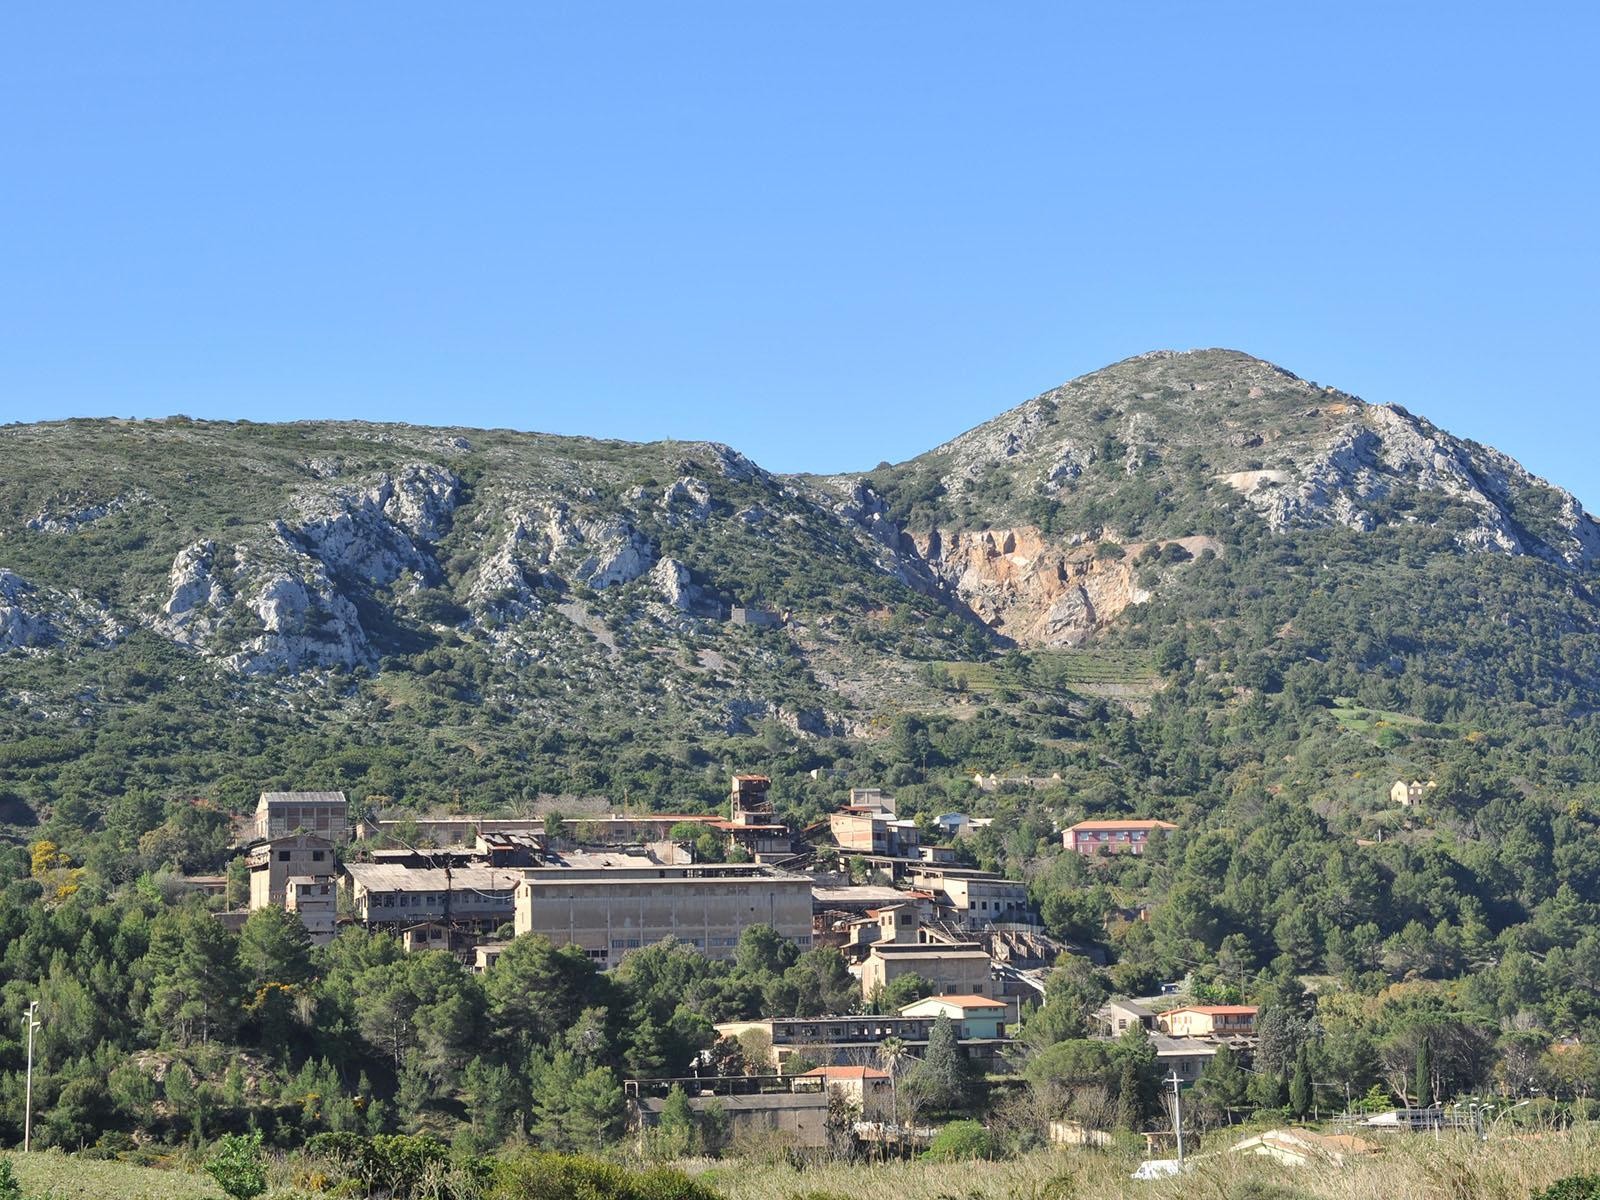 Villaggi minerari Sardegna miniere abbandonate visitabili